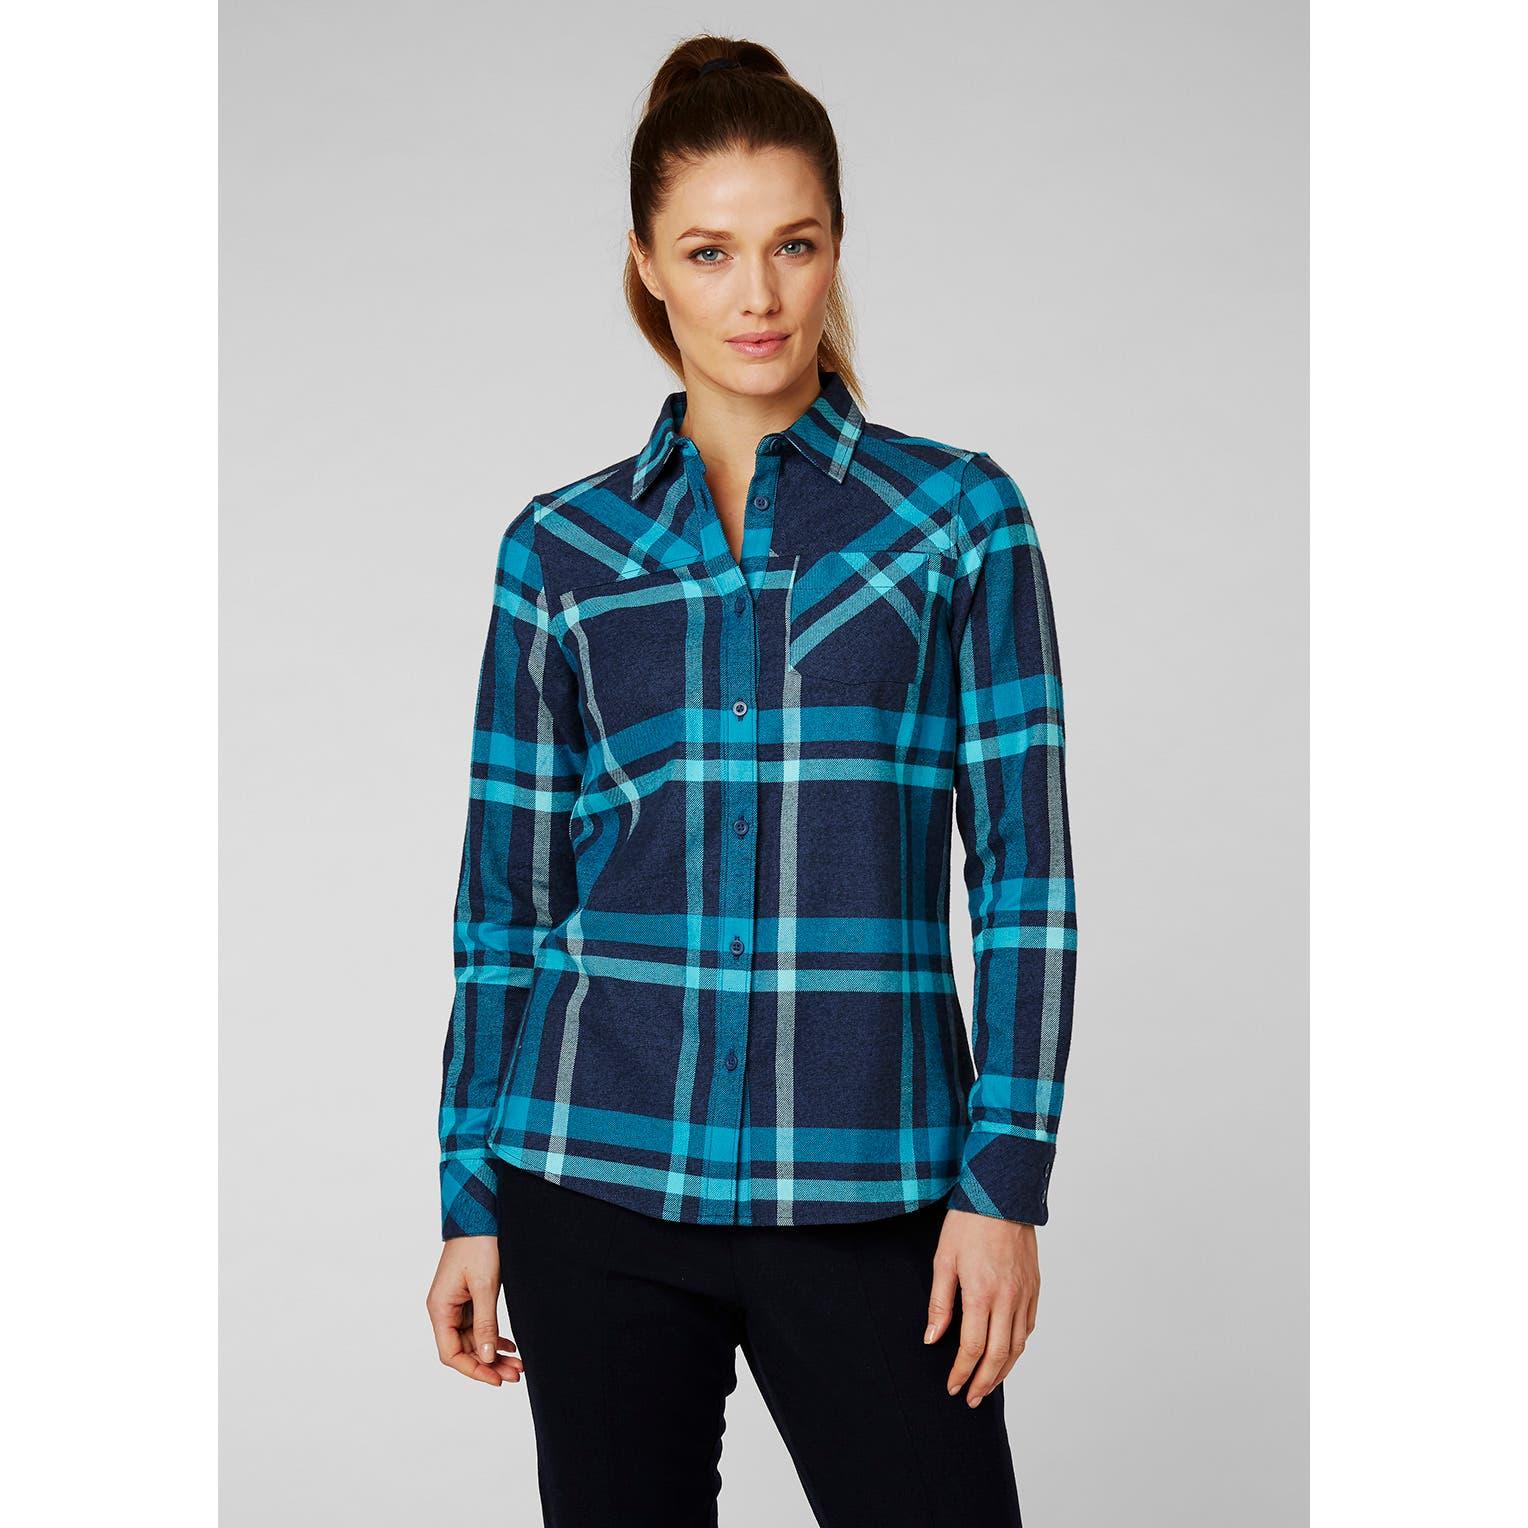 Helly Hansen Womens Classic Check Long Sleeve Outdoor Tech Shirt